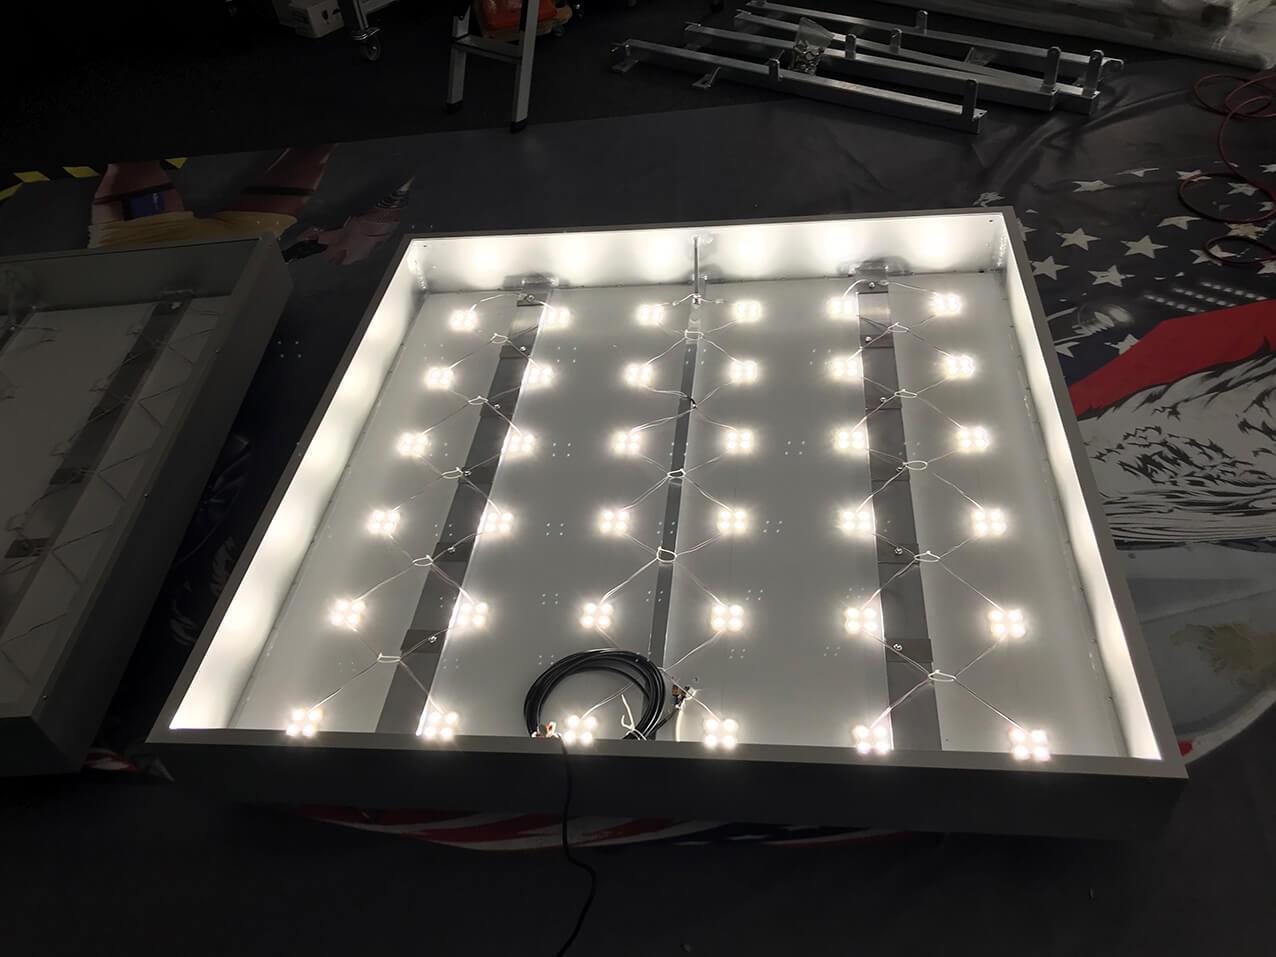 leuchtkasten leuchtreklame leuchtwerbung wegaswerbung. Black Bedroom Furniture Sets. Home Design Ideas